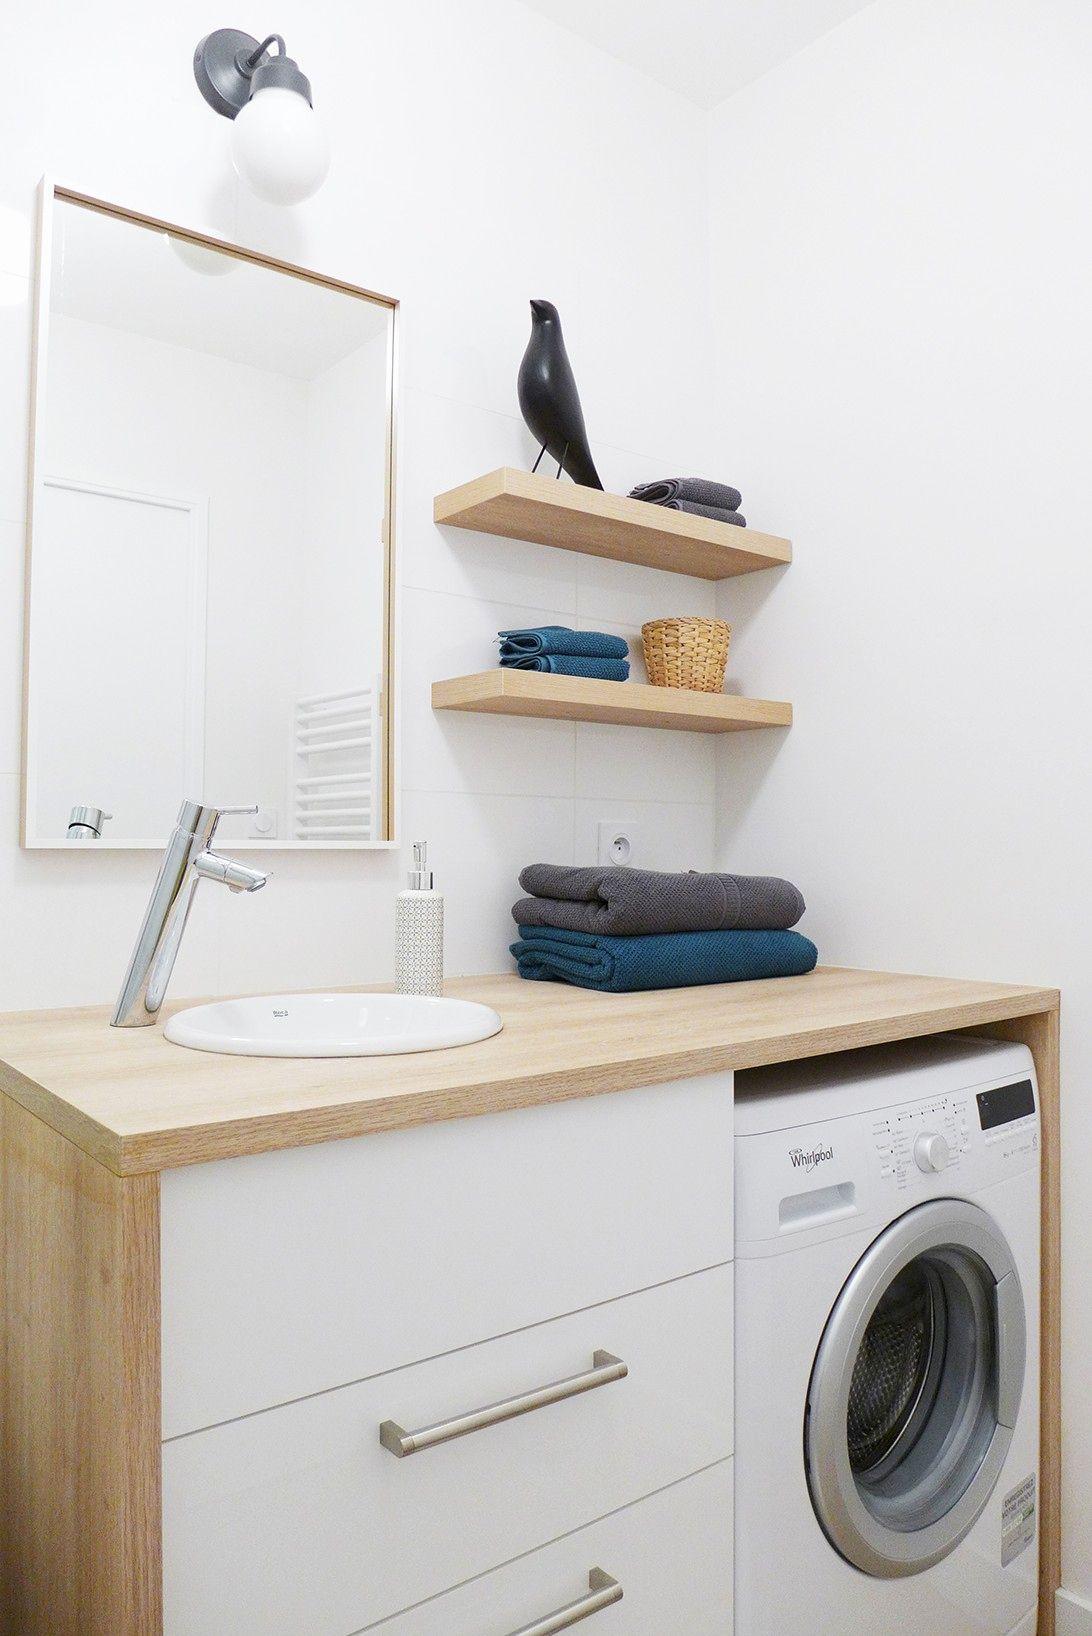 ikea plan de travail salle de bain machine à laver - Recherche